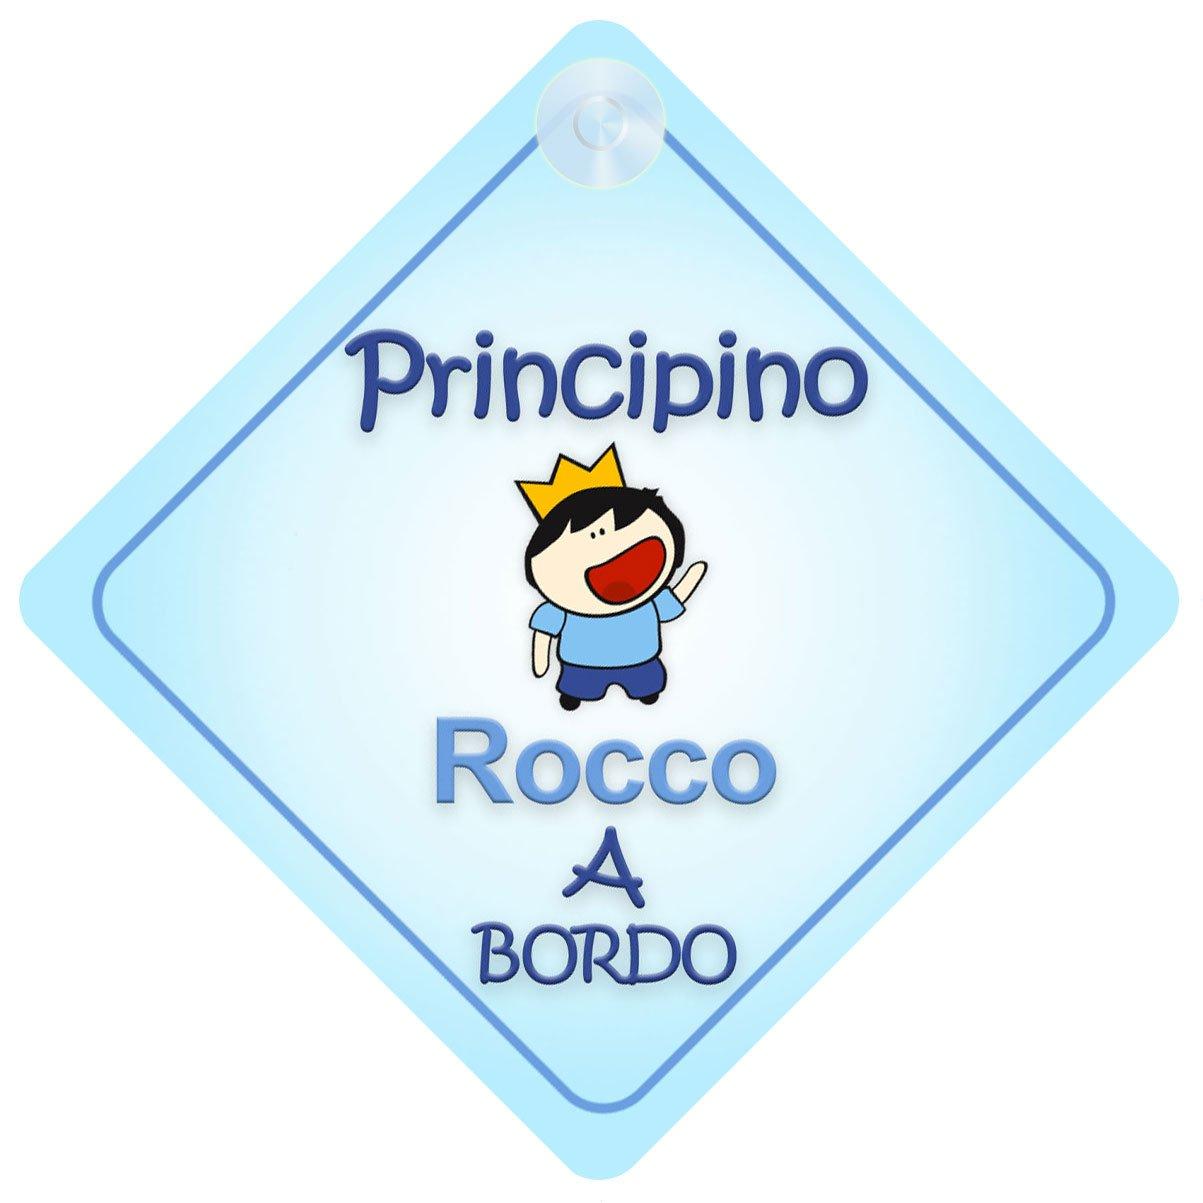 Principino Rocco bambino principino adesivo macchina neonato a bordo per maschi principe adesivo bimbo